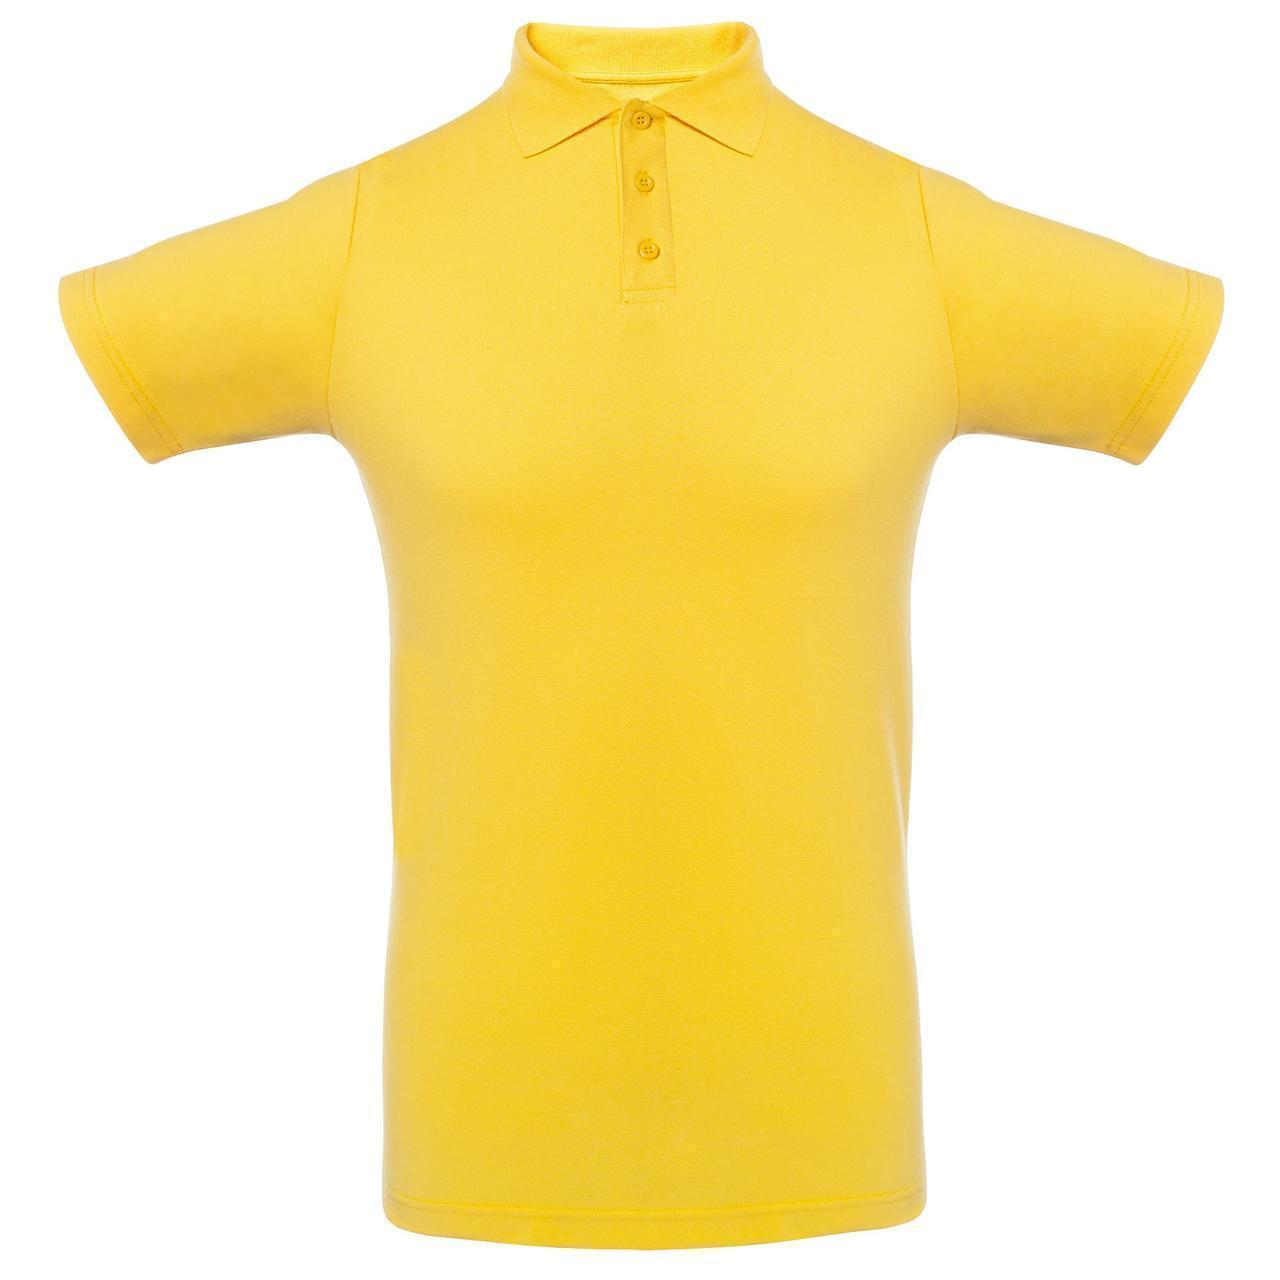 Футболка Поло Желтая.200 гр.2XL